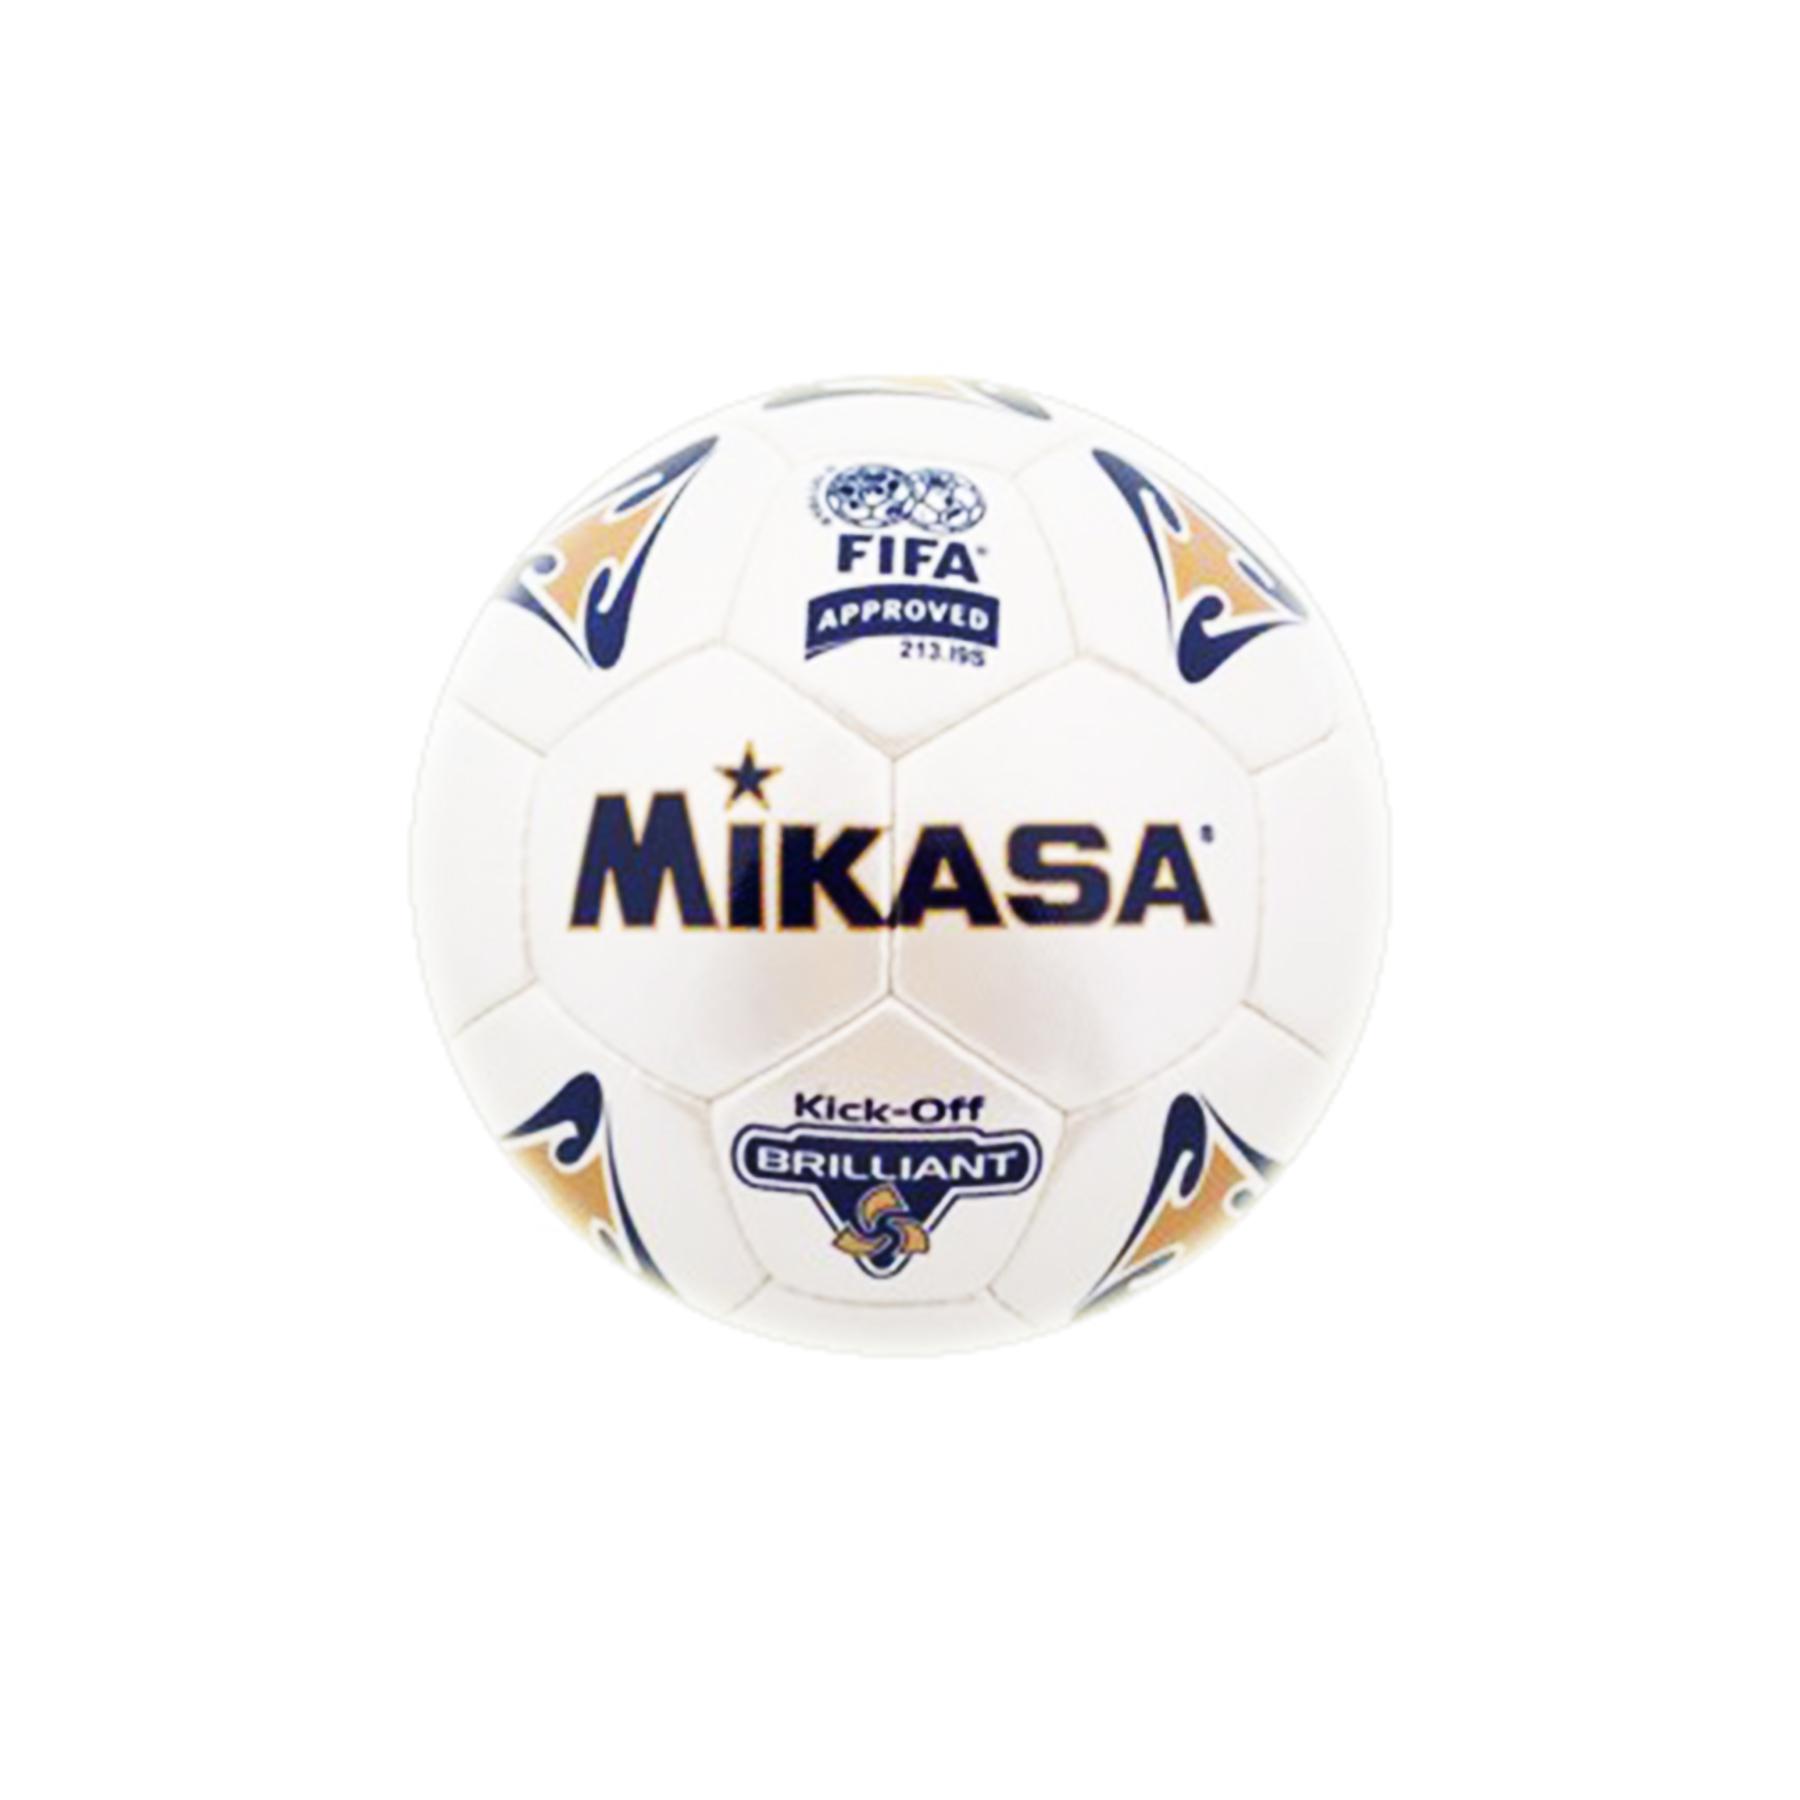 Мяч ф/б Микаса PKC 55 BR-N №5 всепогодн, утвержд FIFA,PU Cordle, высокая аэродинамика